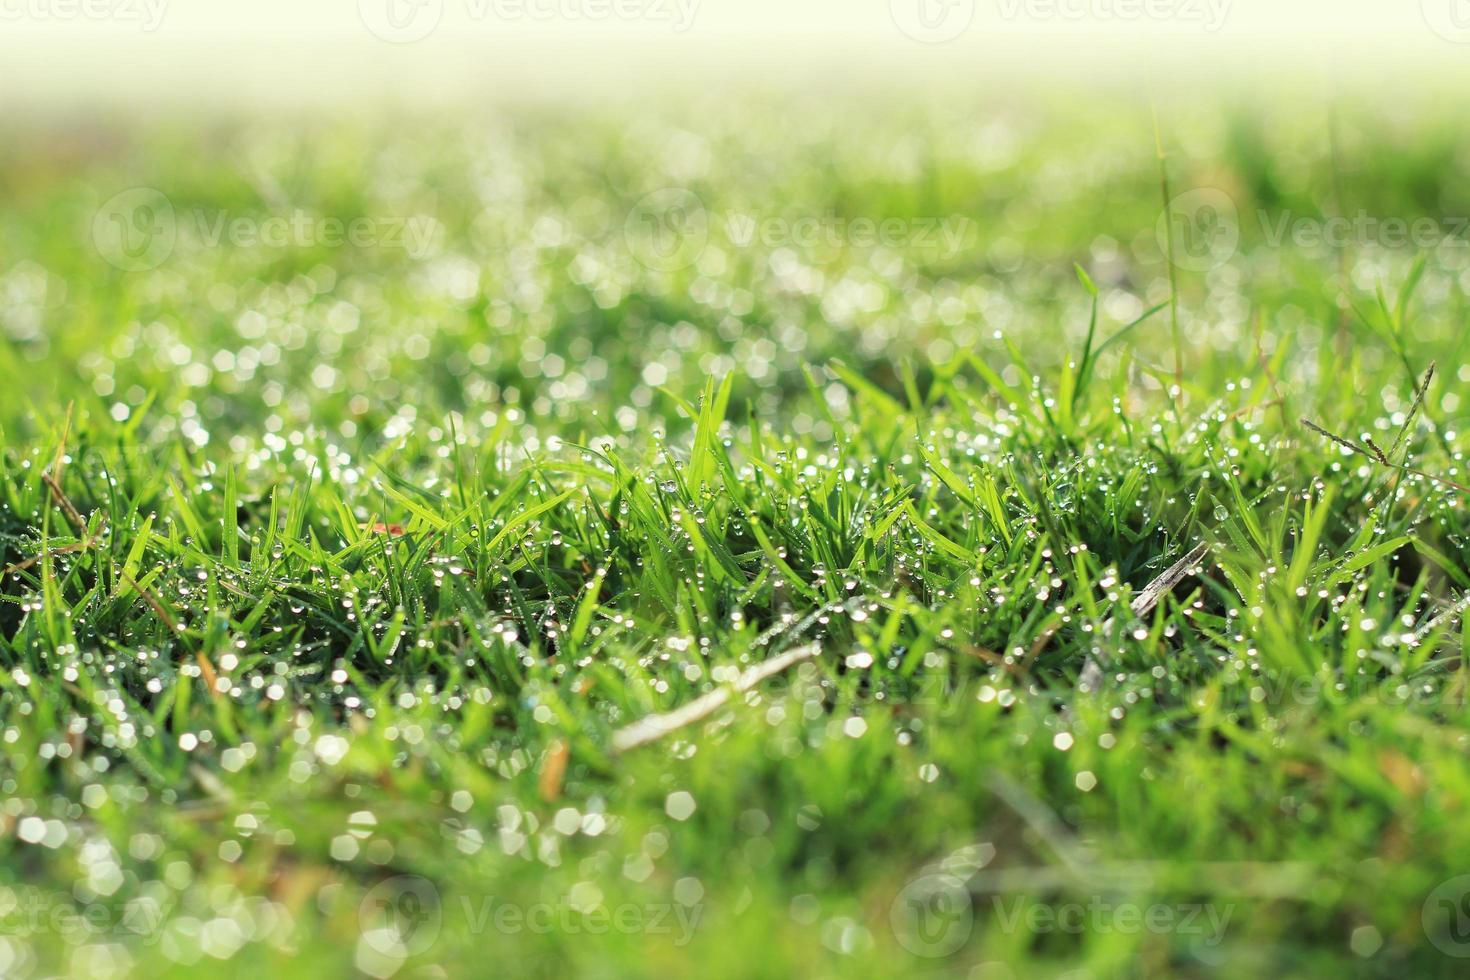 dagg på grönt gräs under morgonsolen. foto